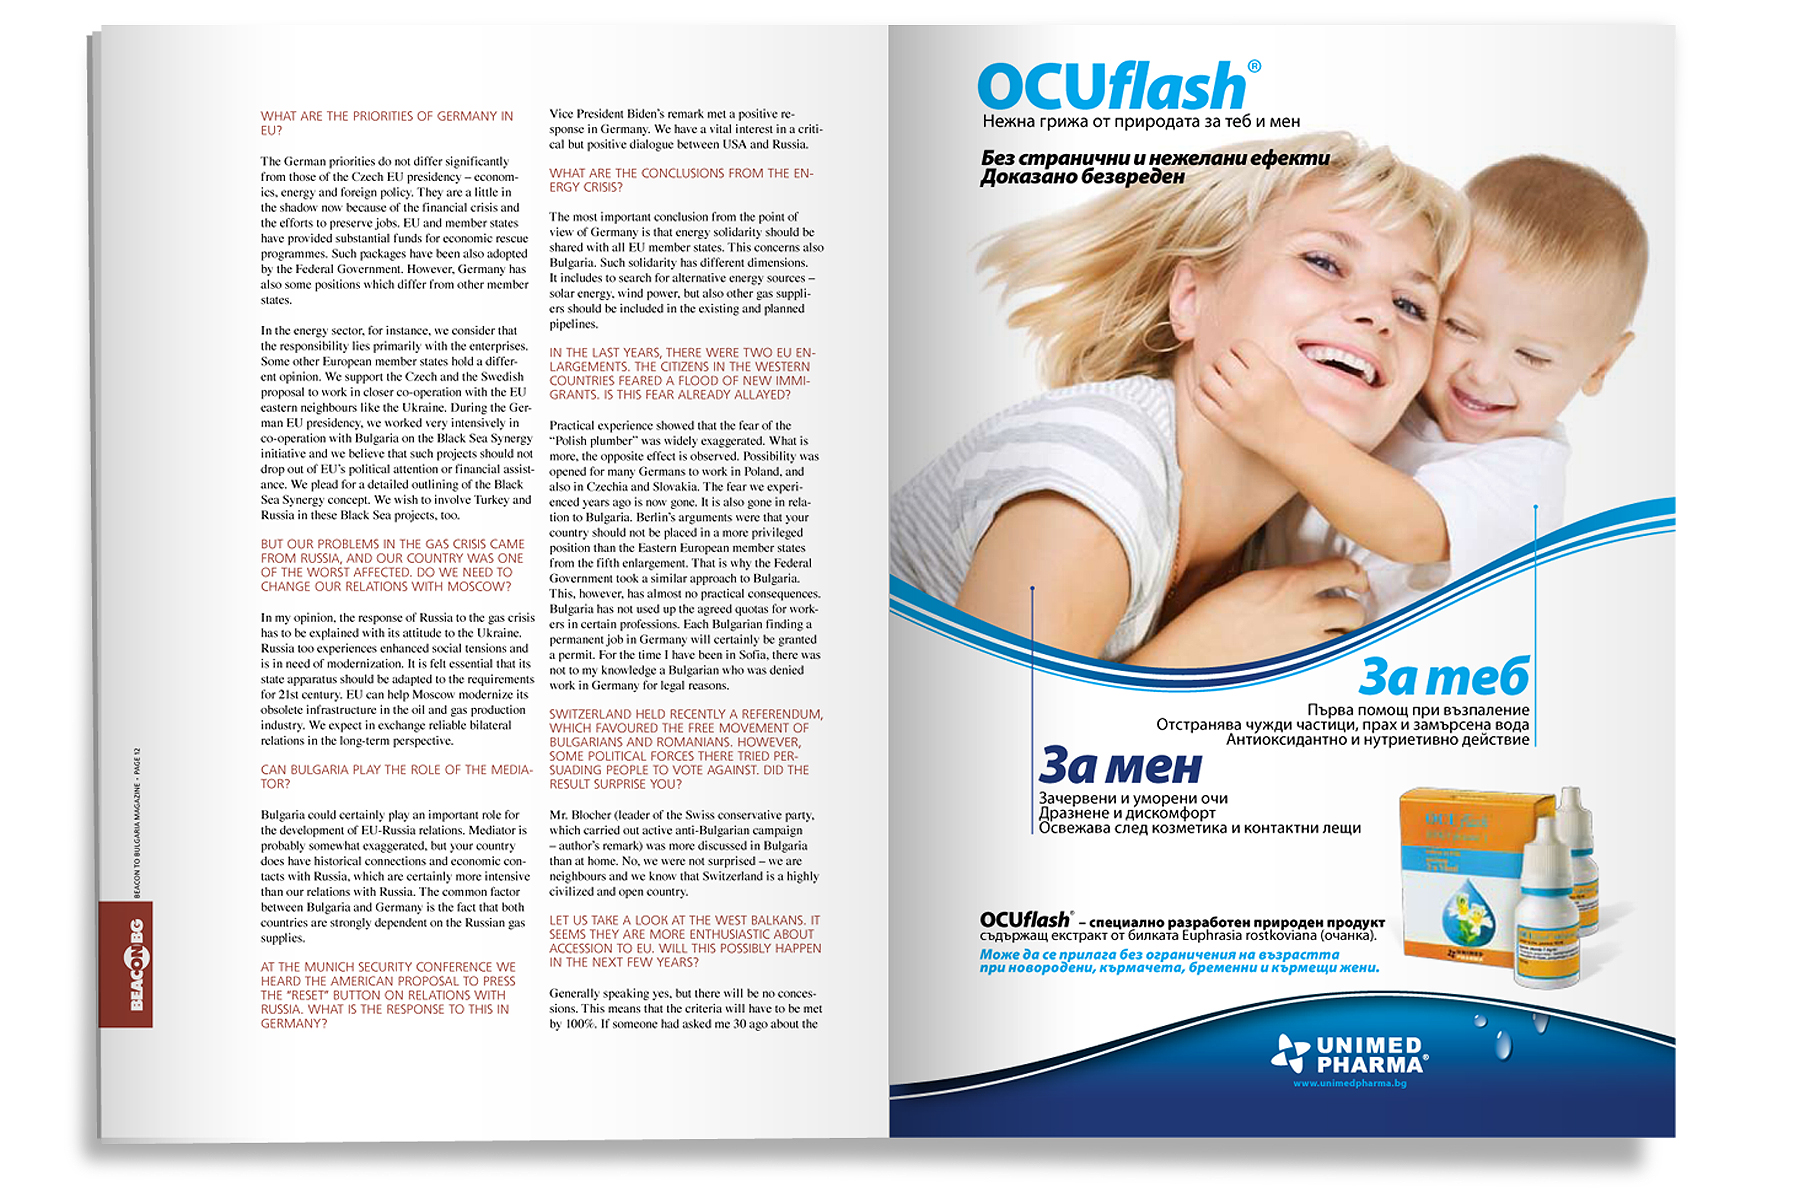 Ocuflash. Рекламна страница.